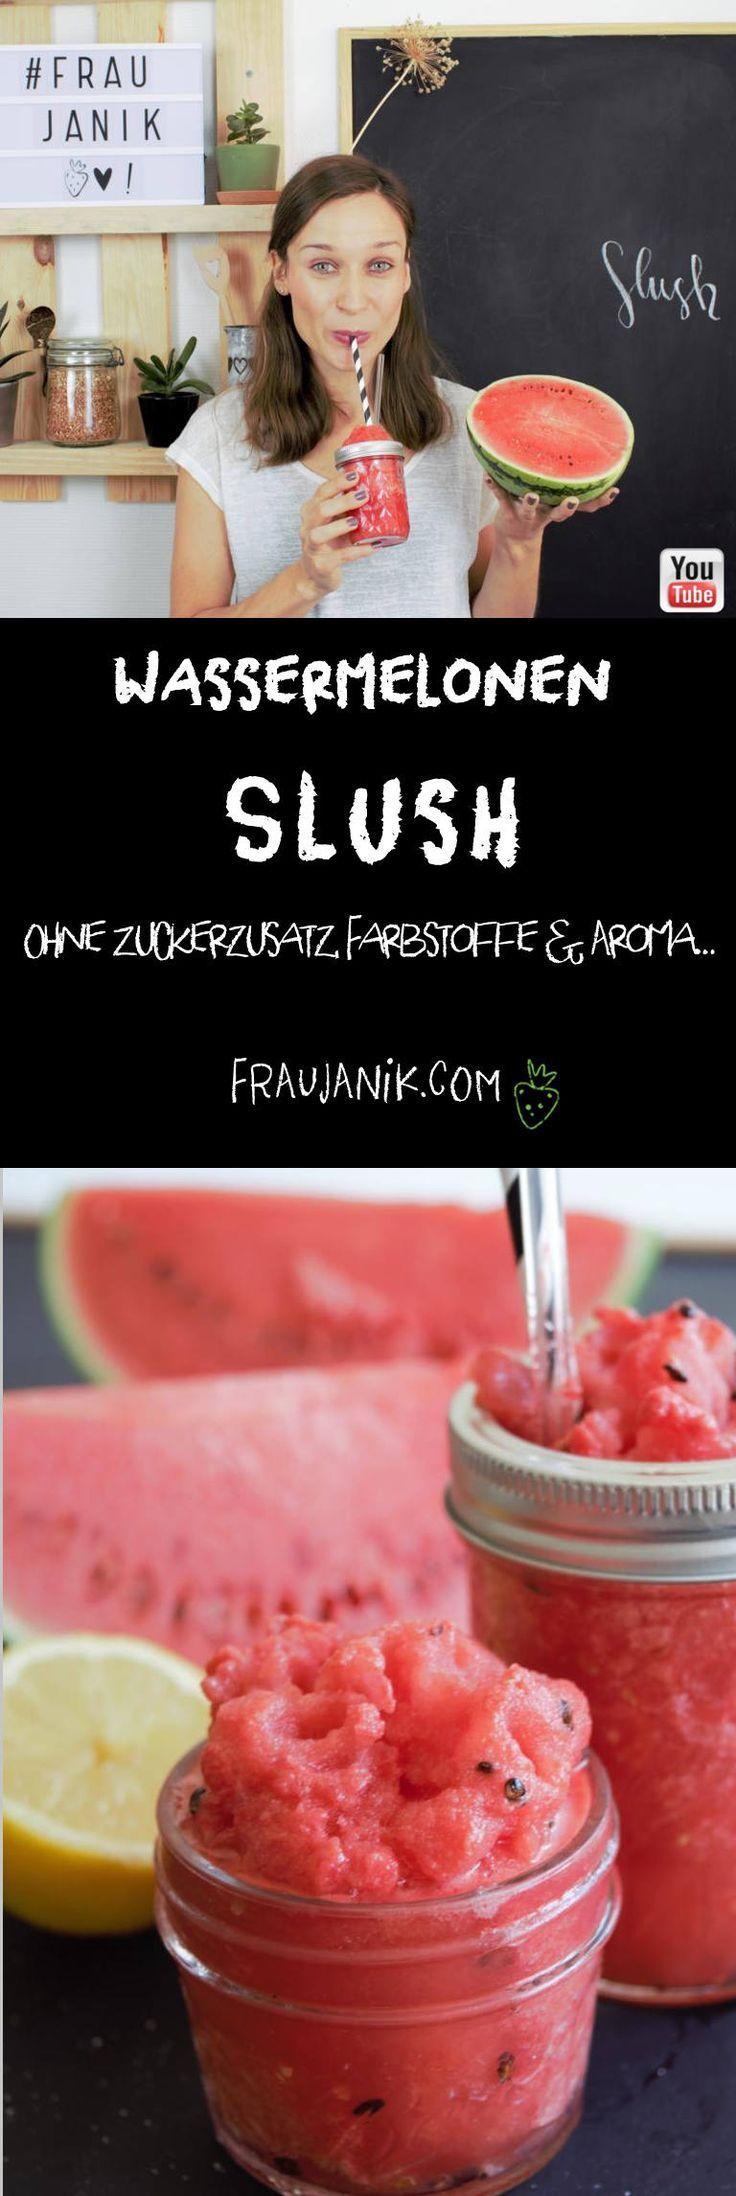 Wassermelonen Slush | gesund - Frau Janik #melonrecipes